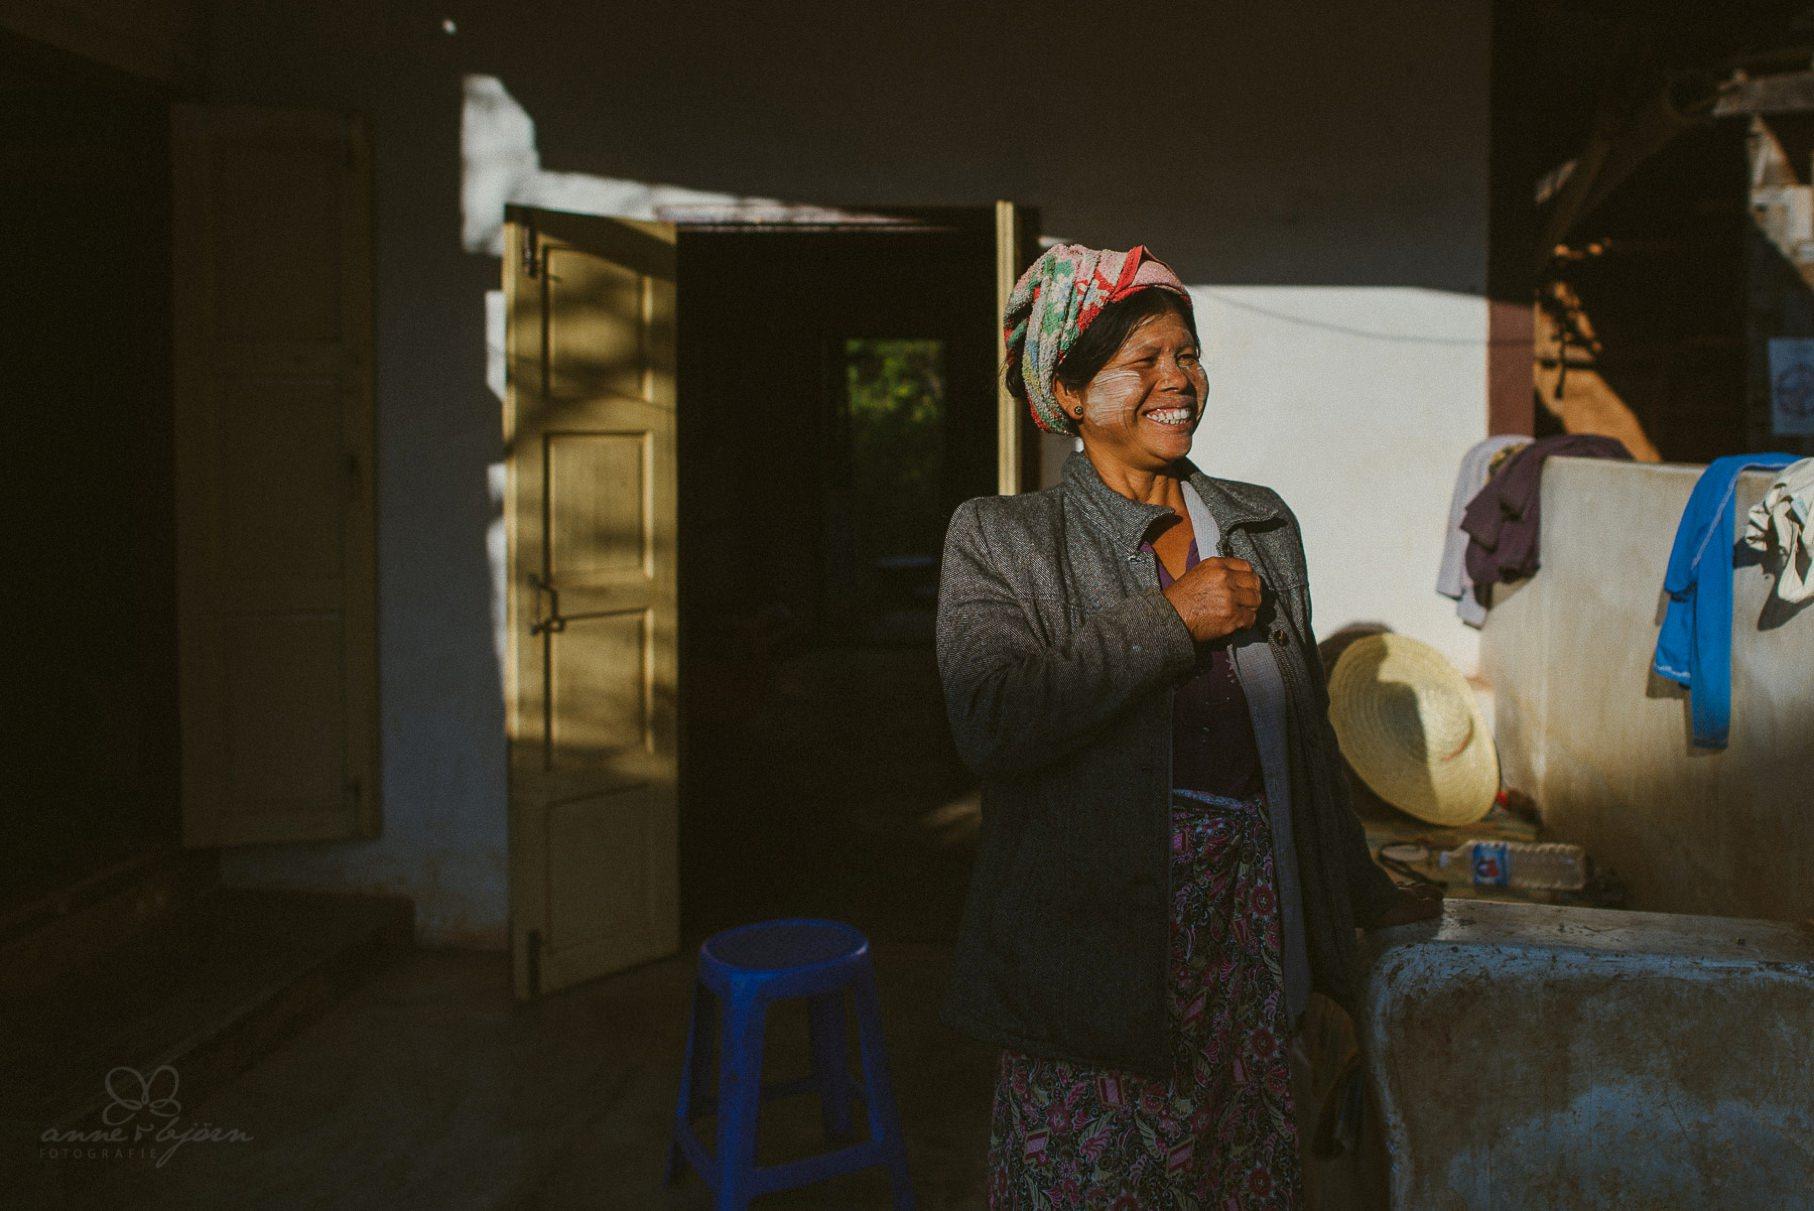 0032 inle lake trekking d76 5719 - Trekking von Kalaw zum Inle-See - Myanmar / Burma